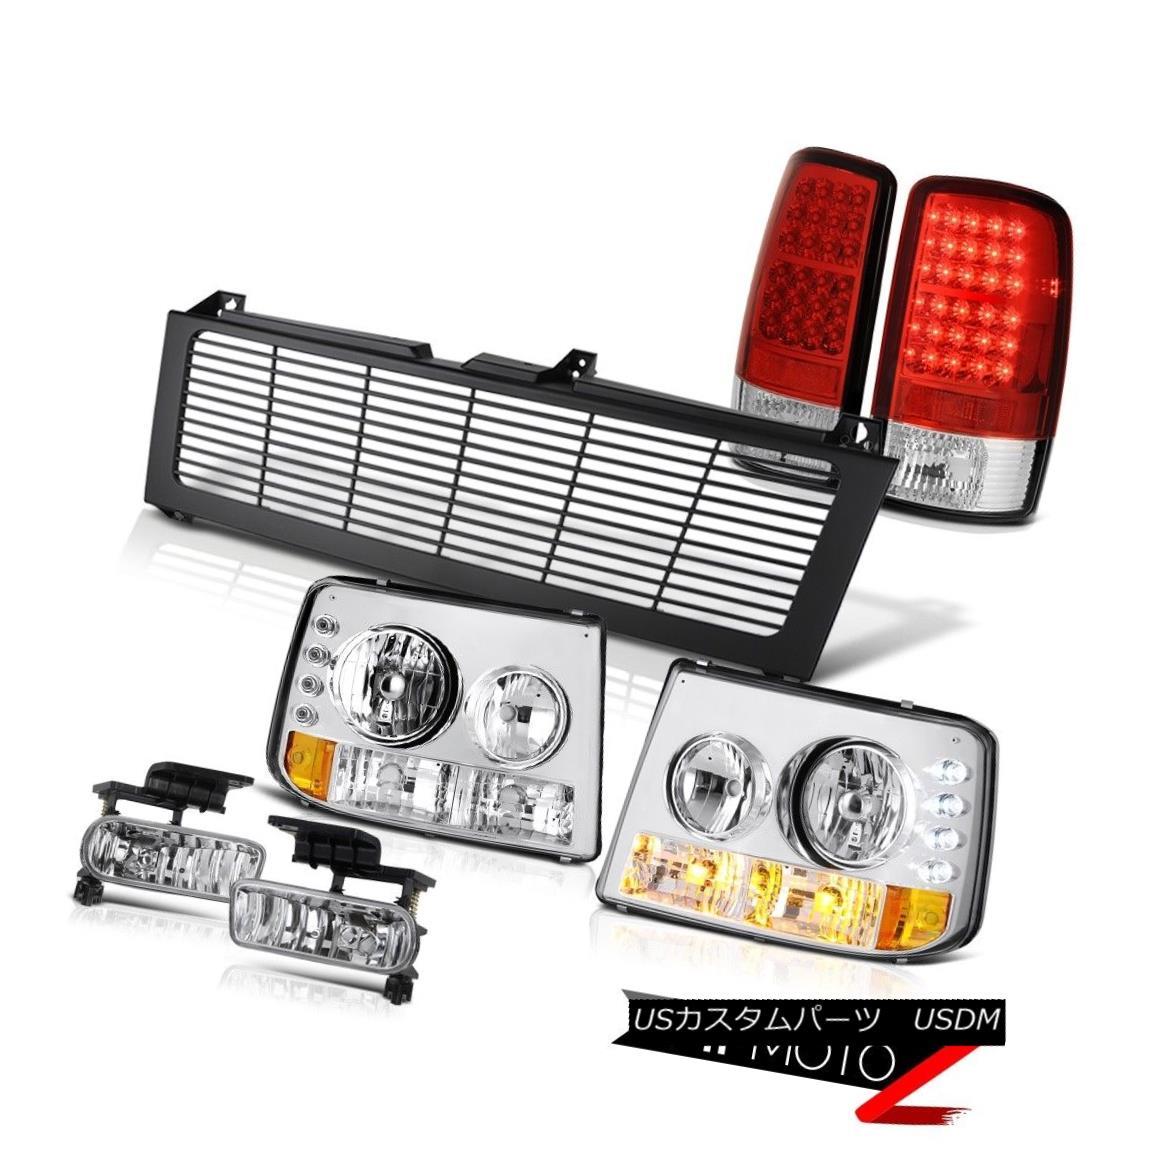 テールライト 2000-06 Suburban LS Crystal Bumper Headlight RED LED Tail Light Fog Black Grille 2000-06郊外のLSクリスタルバンパーヘッドライトRED LEDテールライトフォグブラックグリル